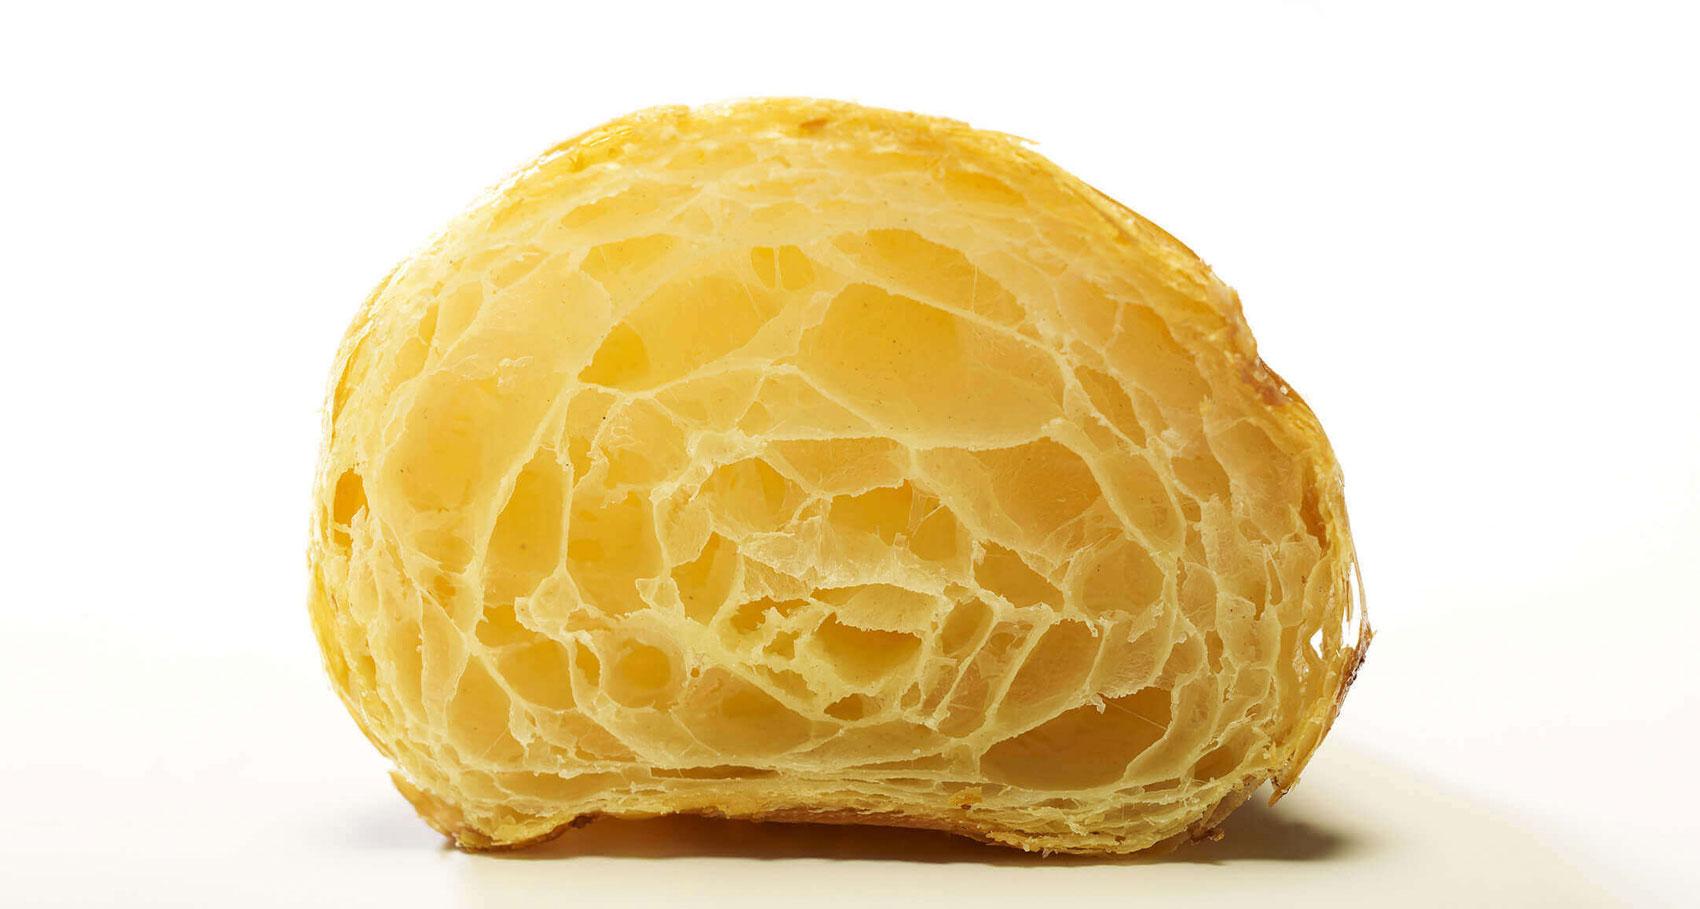 Premio al mejor croissant de España en el 2015